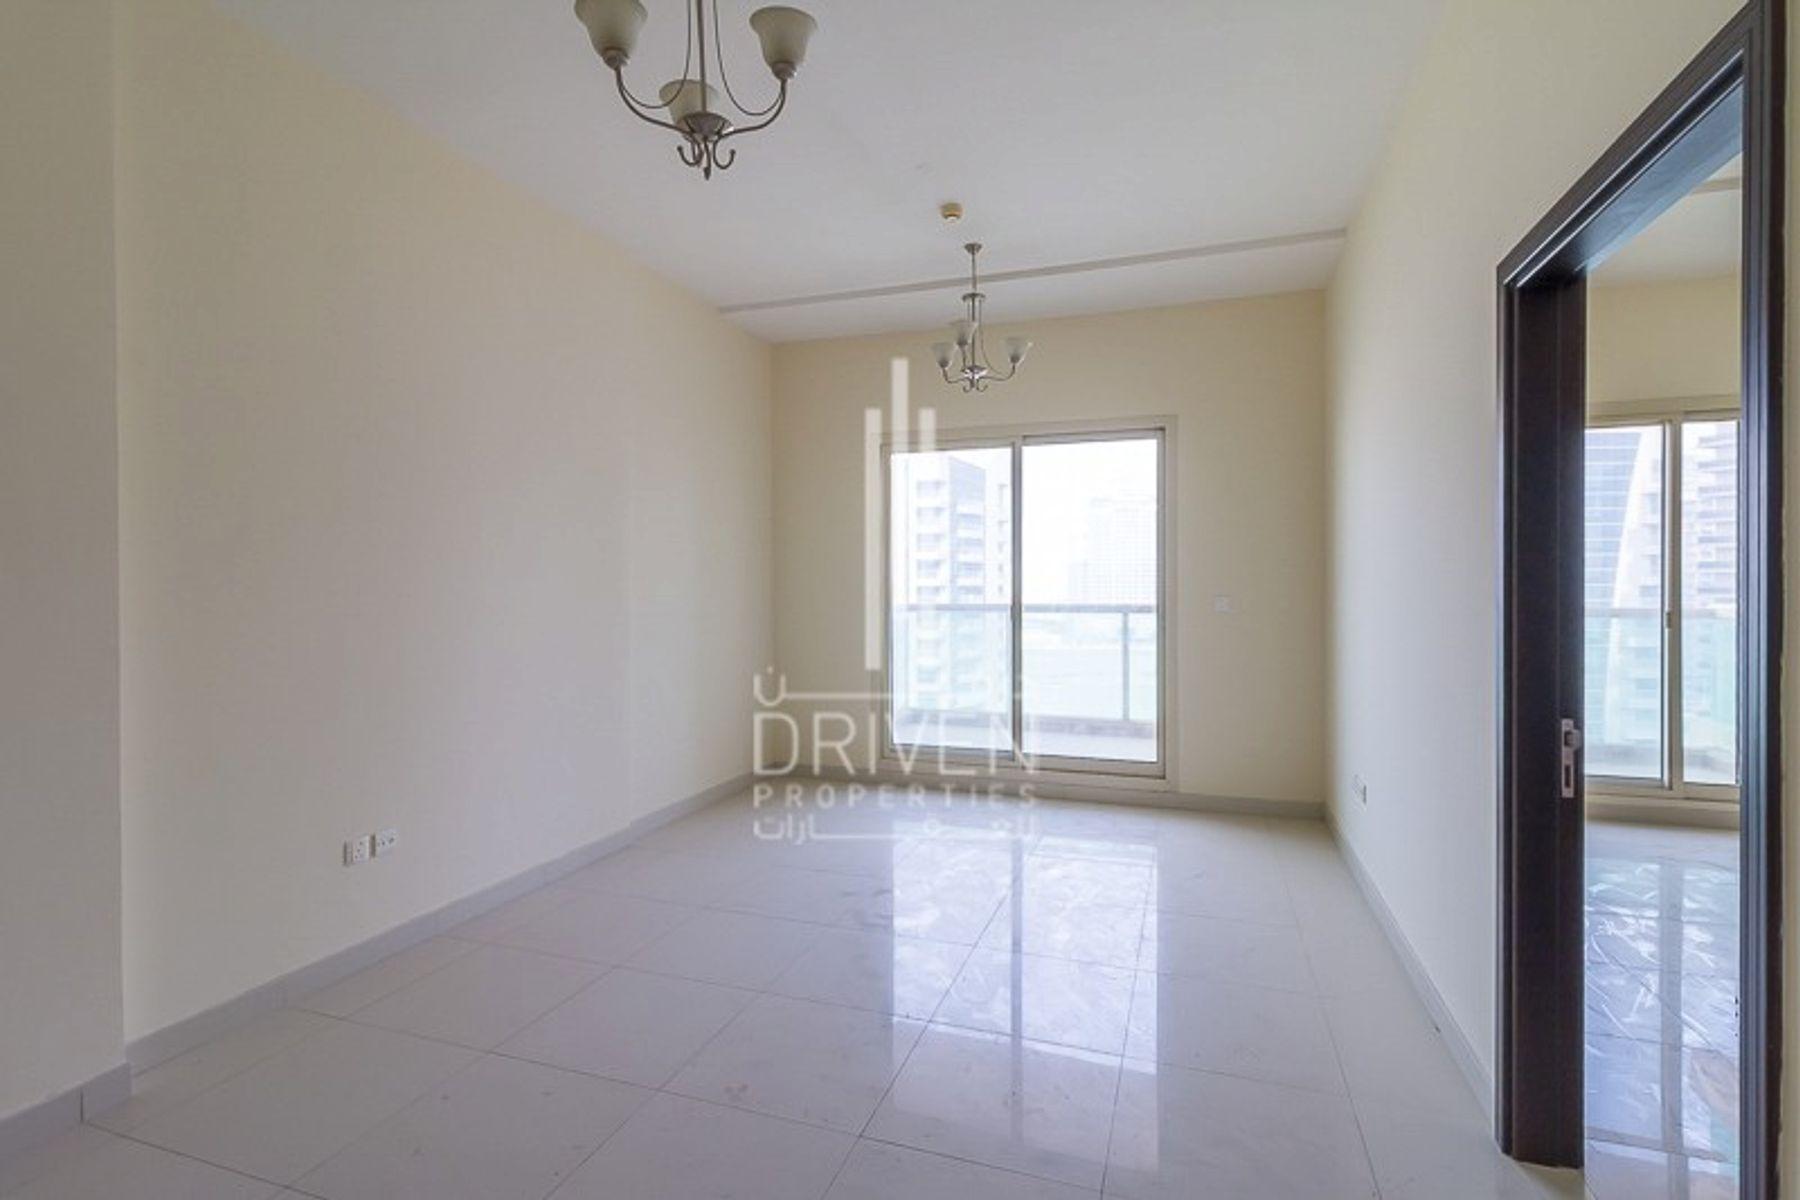 732 قدم مربع  شقة - للايجار - مدينة دبي الرياضية